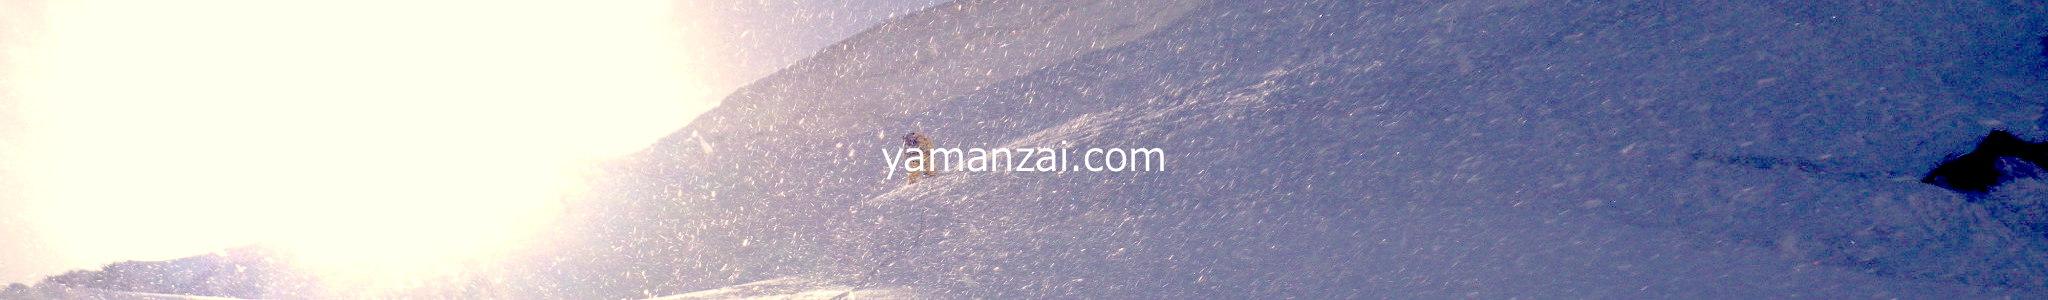 yamanzai